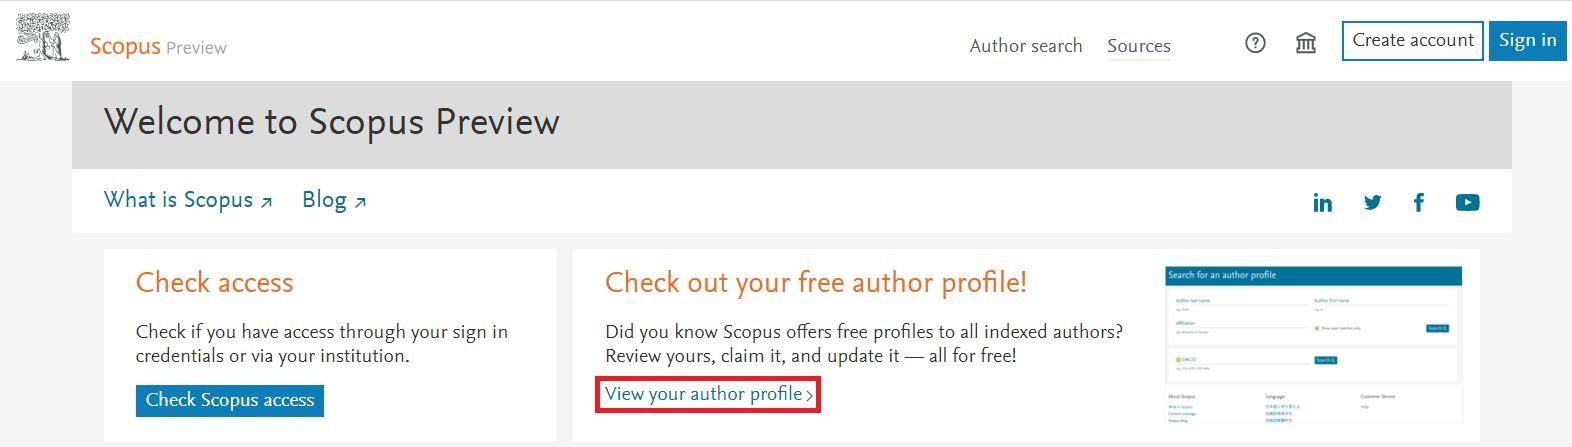 گزینه View your author profile